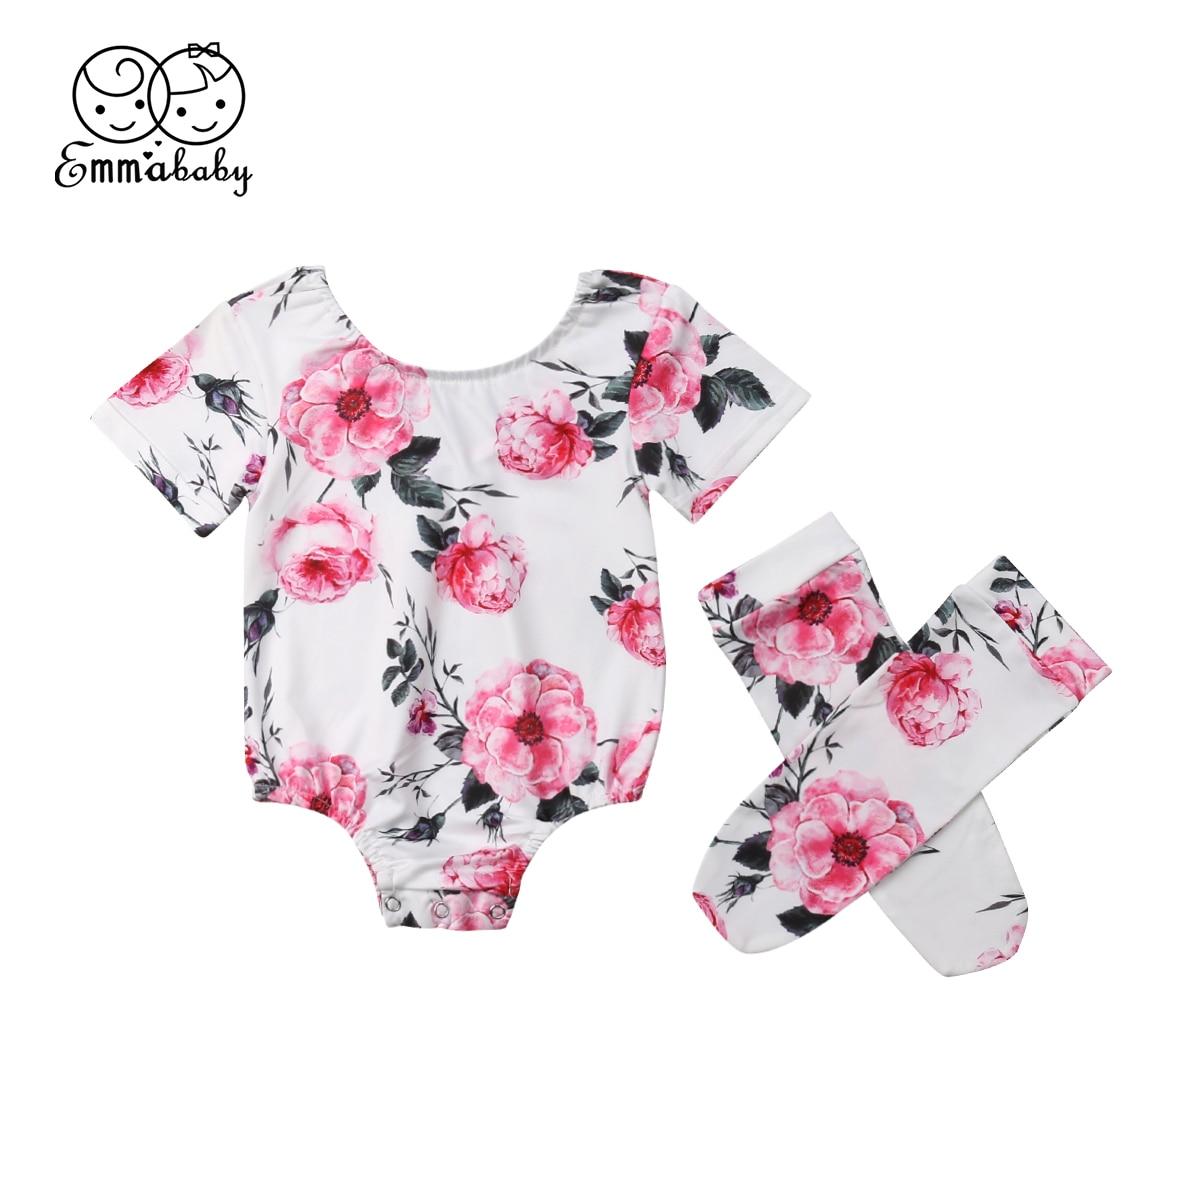 Neue Niedliche Neugeborenen Baby Mädchen Floral Body Overall Kleidung Socken Outfits